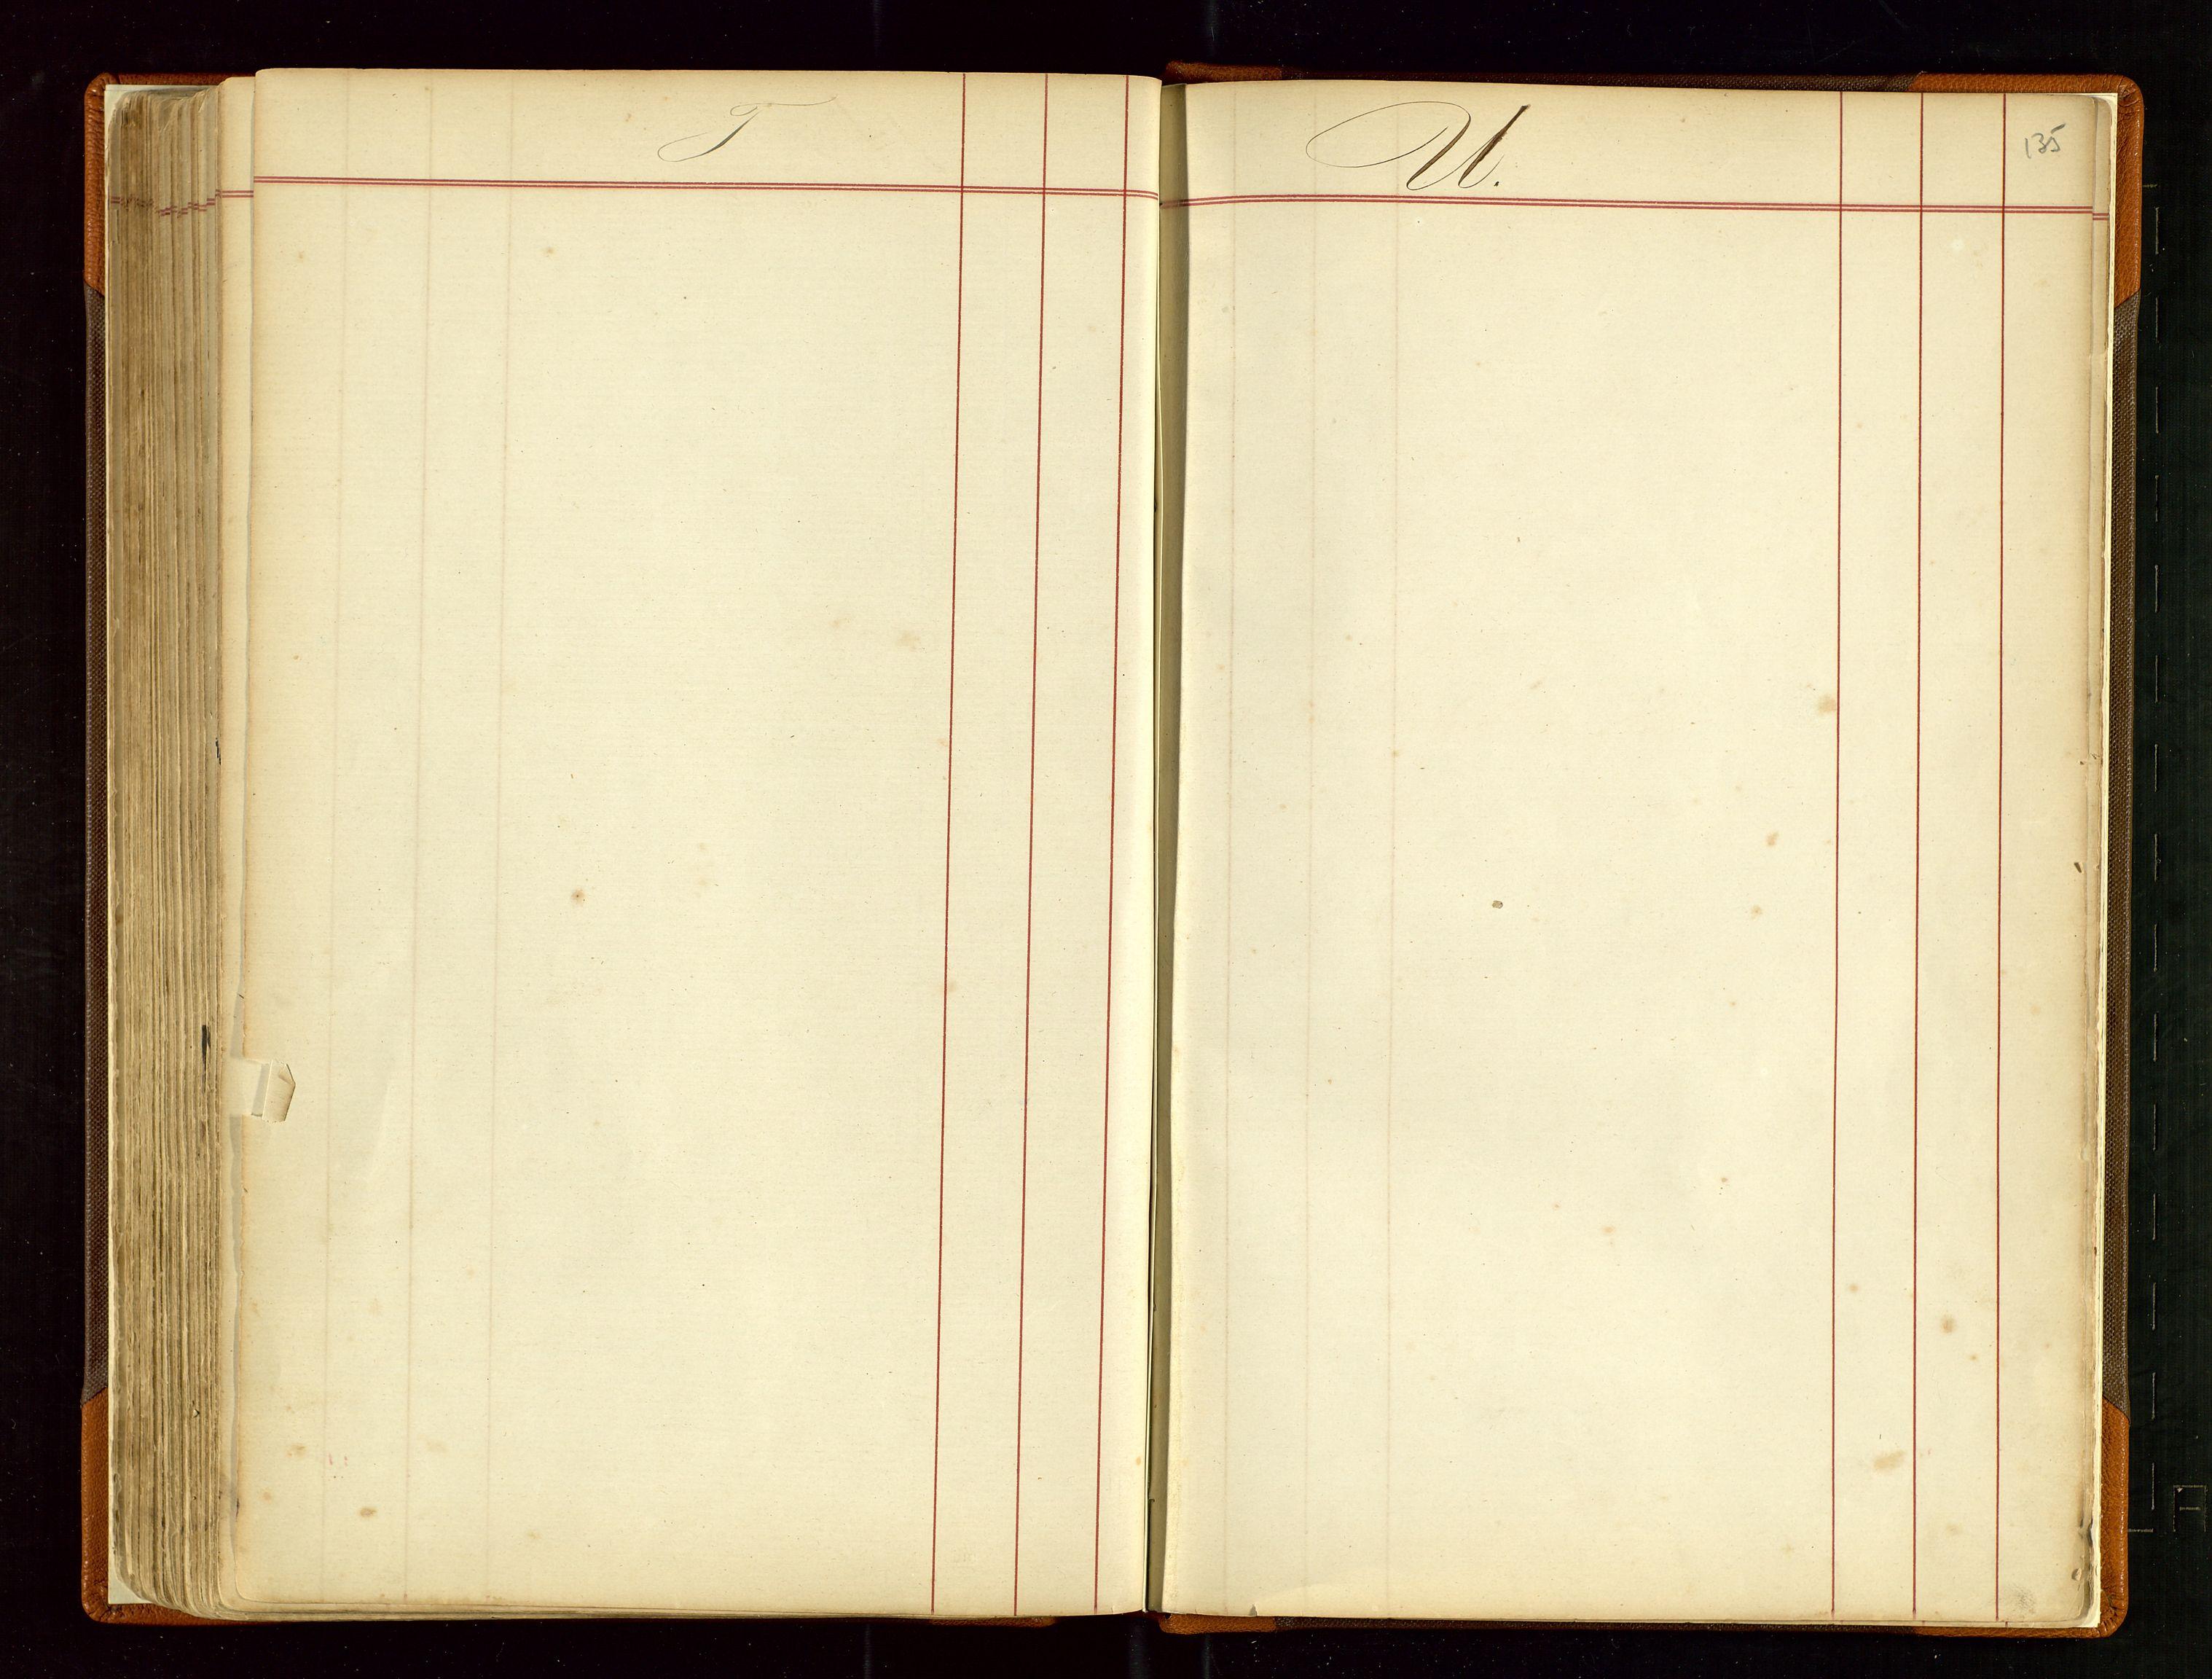 SAST, Haugesund sjømannskontor, F/Fb/Fba/L0003: Navneregister med henvisning til rullenummer (fornavn) Haugesund krets, 1860-1948, p. 135